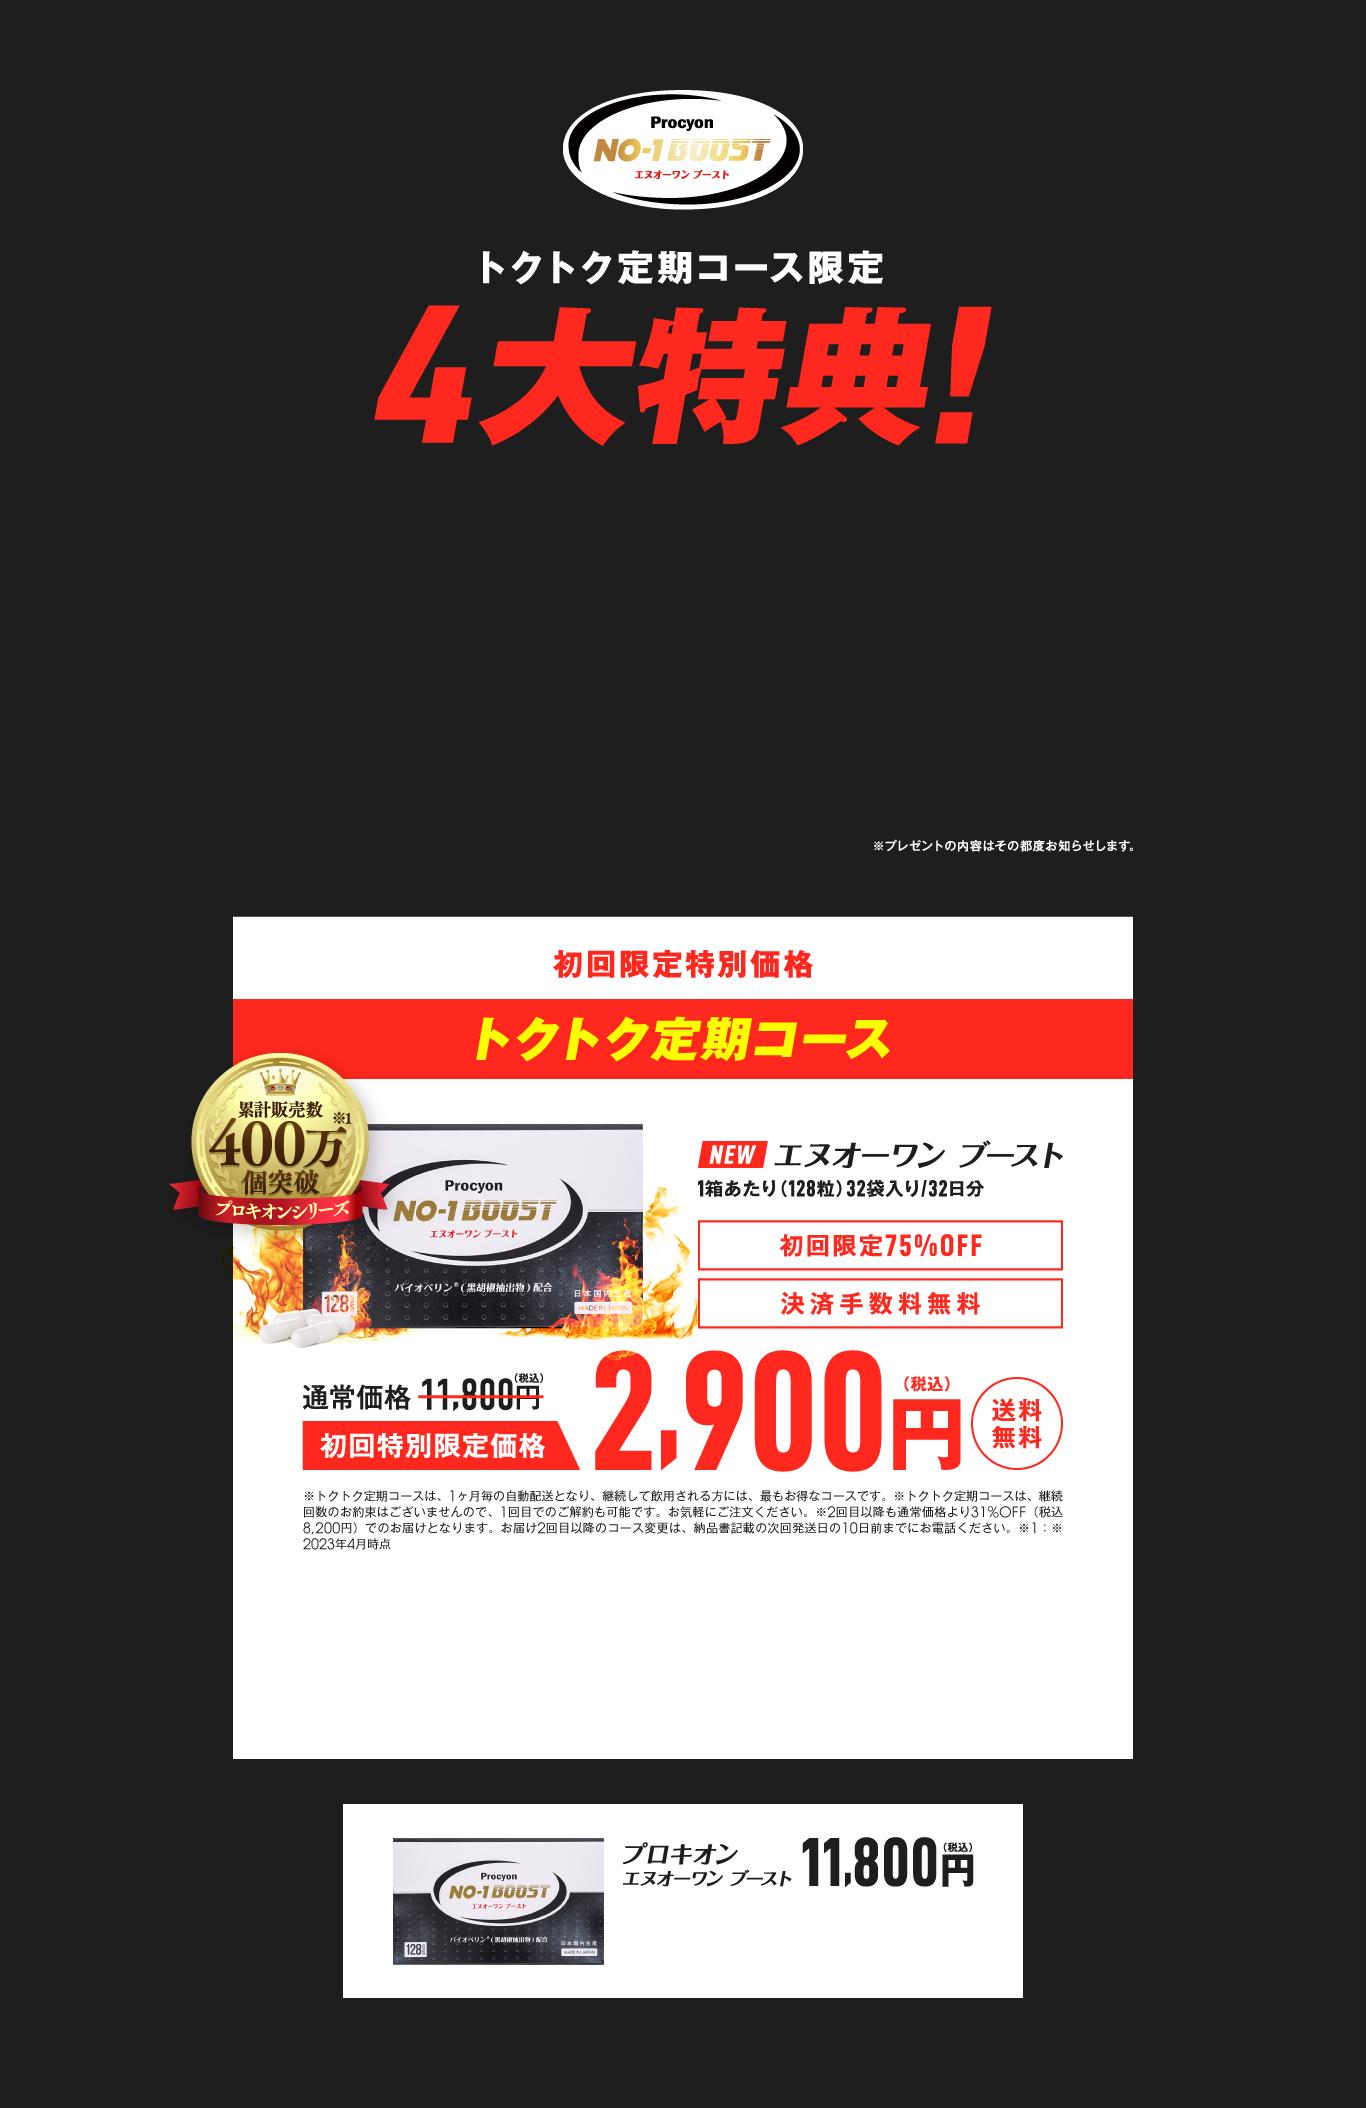 初回限定特別価格 トクトク定期コース 2,900円(税込) 送料無料